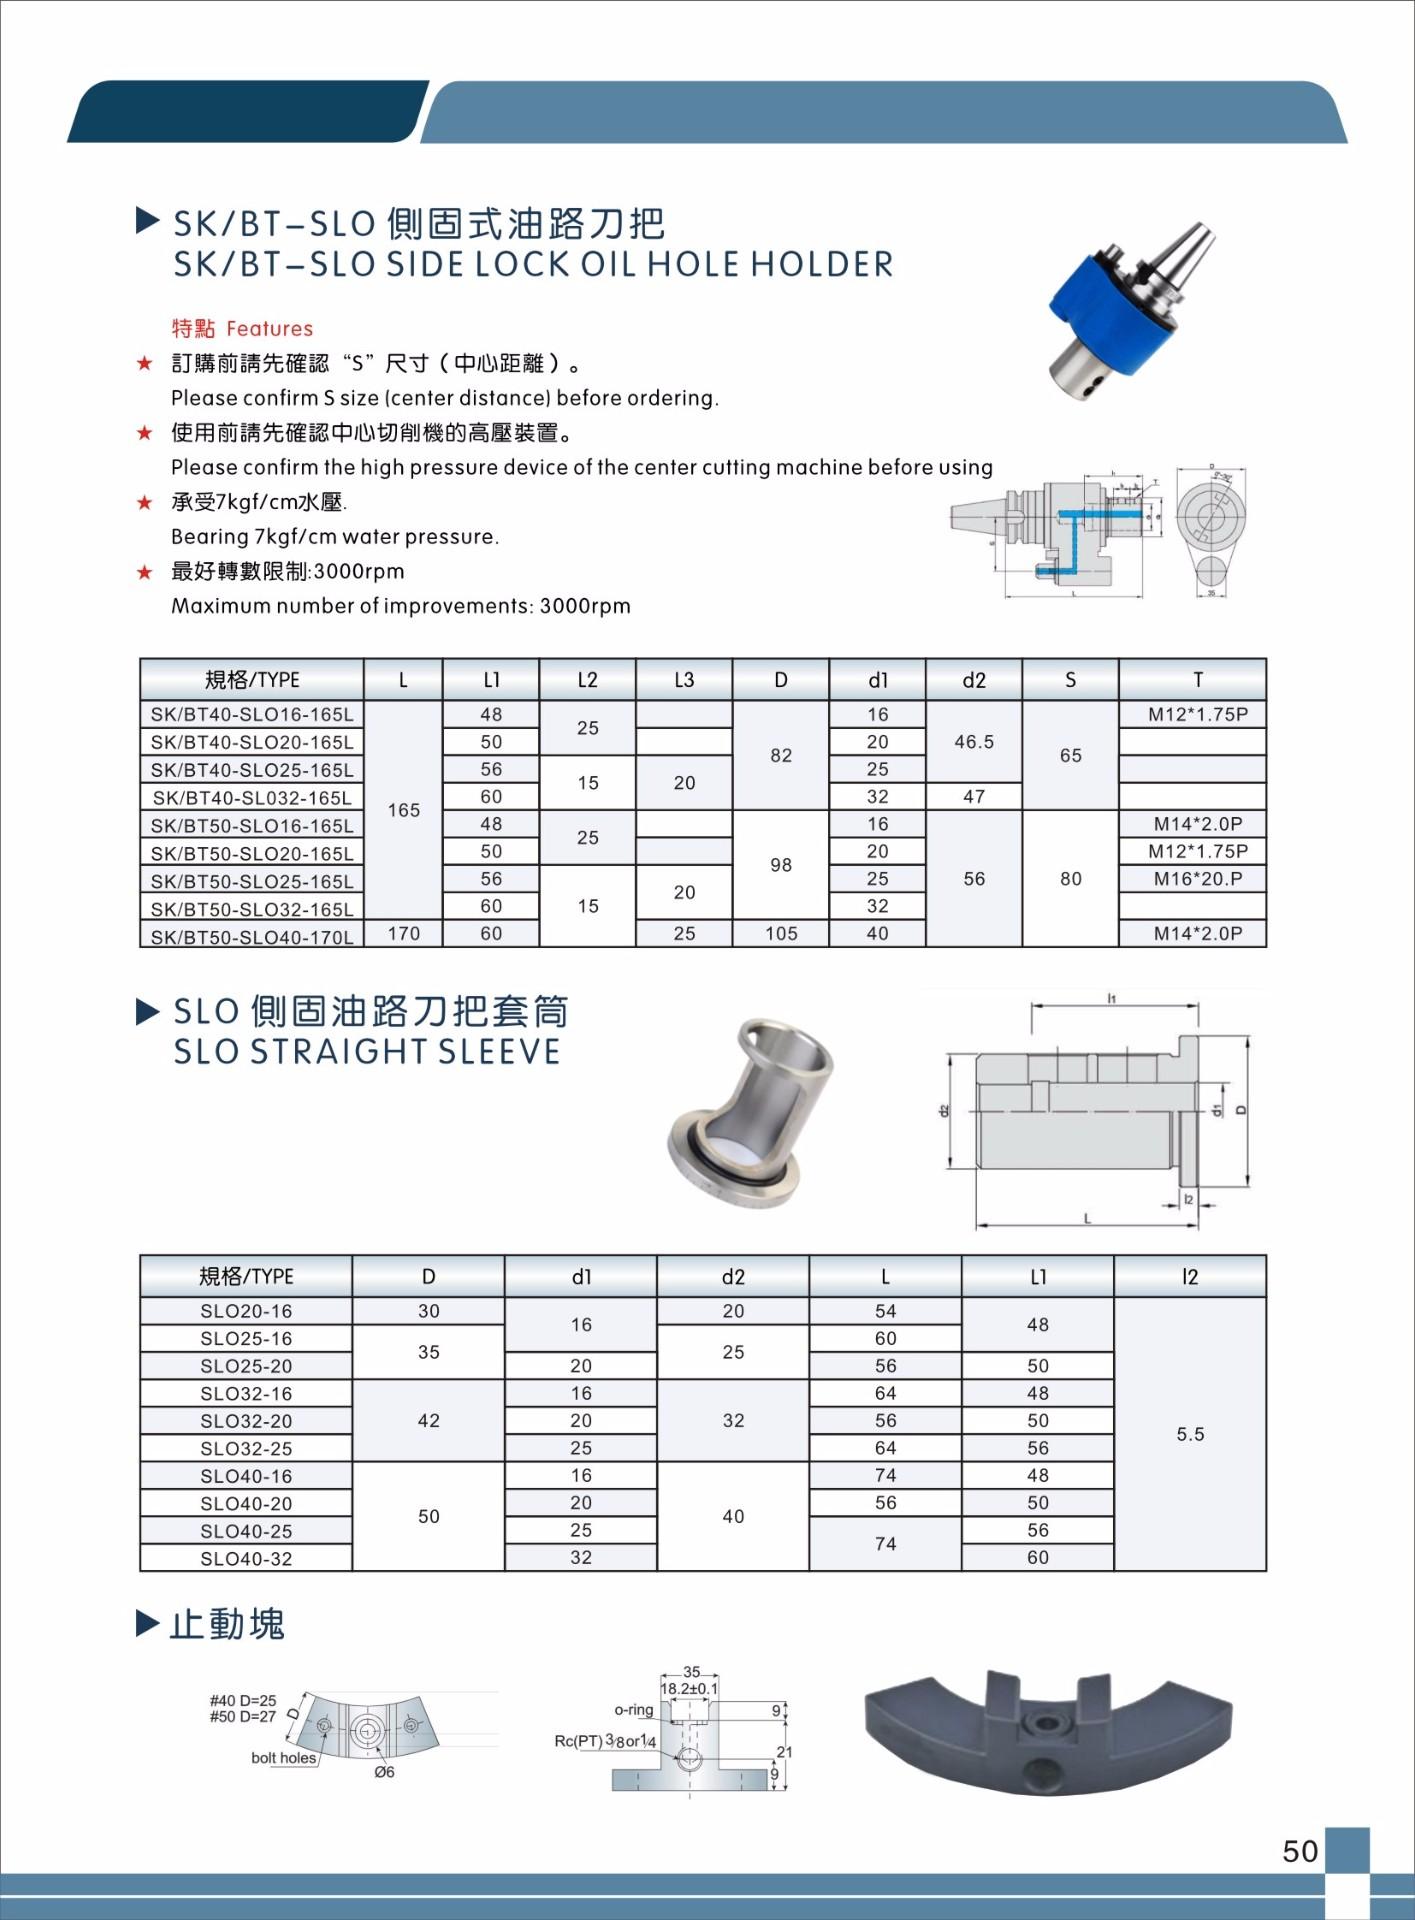 台湾 数控刀具 侧固式SLO油路刀柄